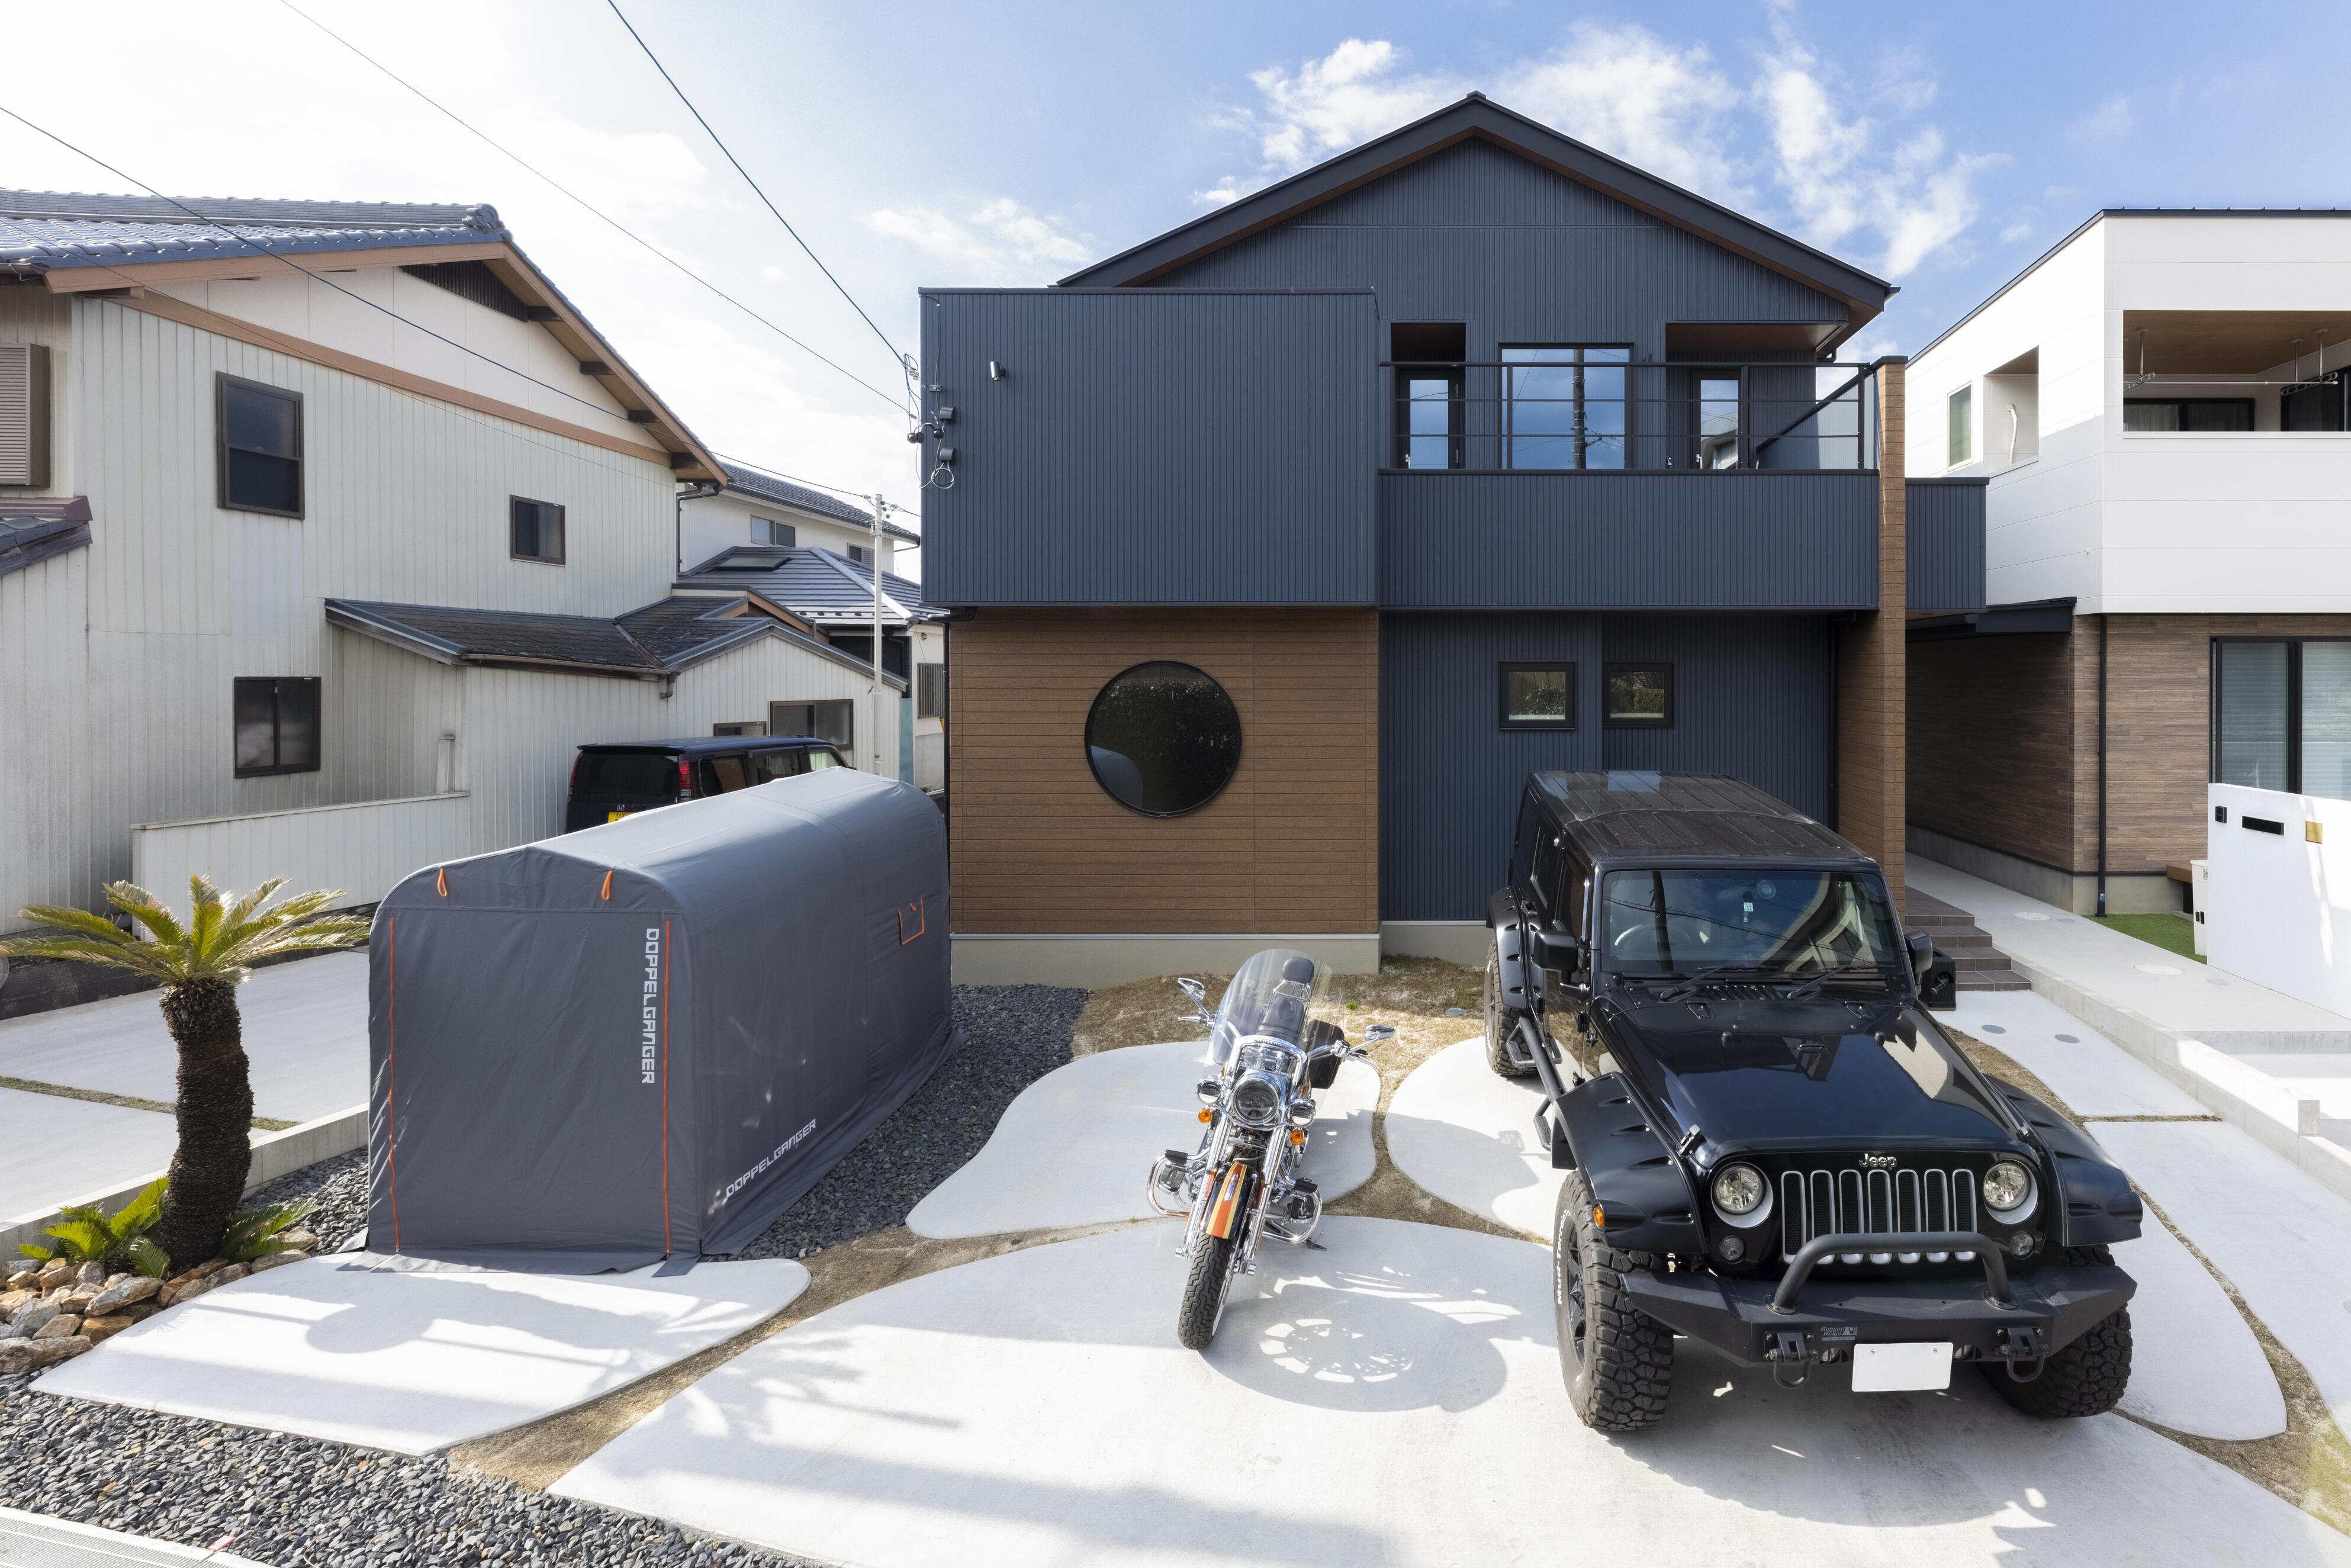 楕円を組み合わせたコンクリートでつくられた駐車スペースを持ち、活動的な印象を受ける外観